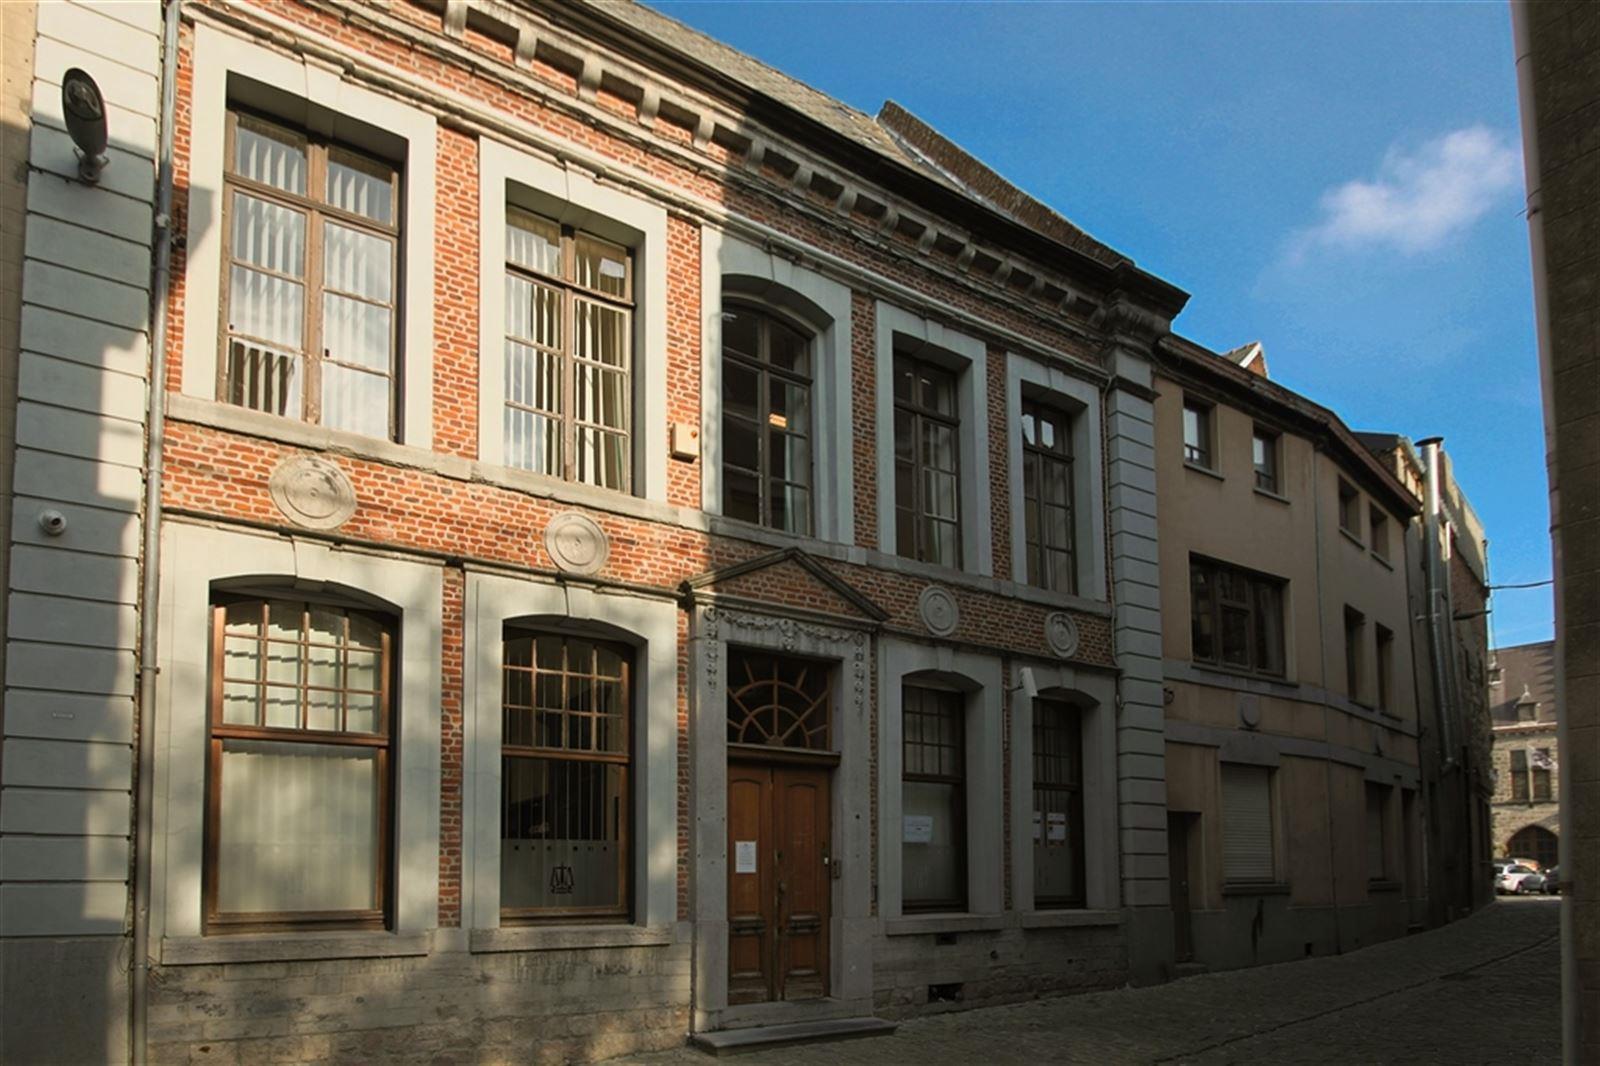 Vente Immeuble de bureaux pour profession libérale à Binche à 50m de la Grand-Place en Belgique